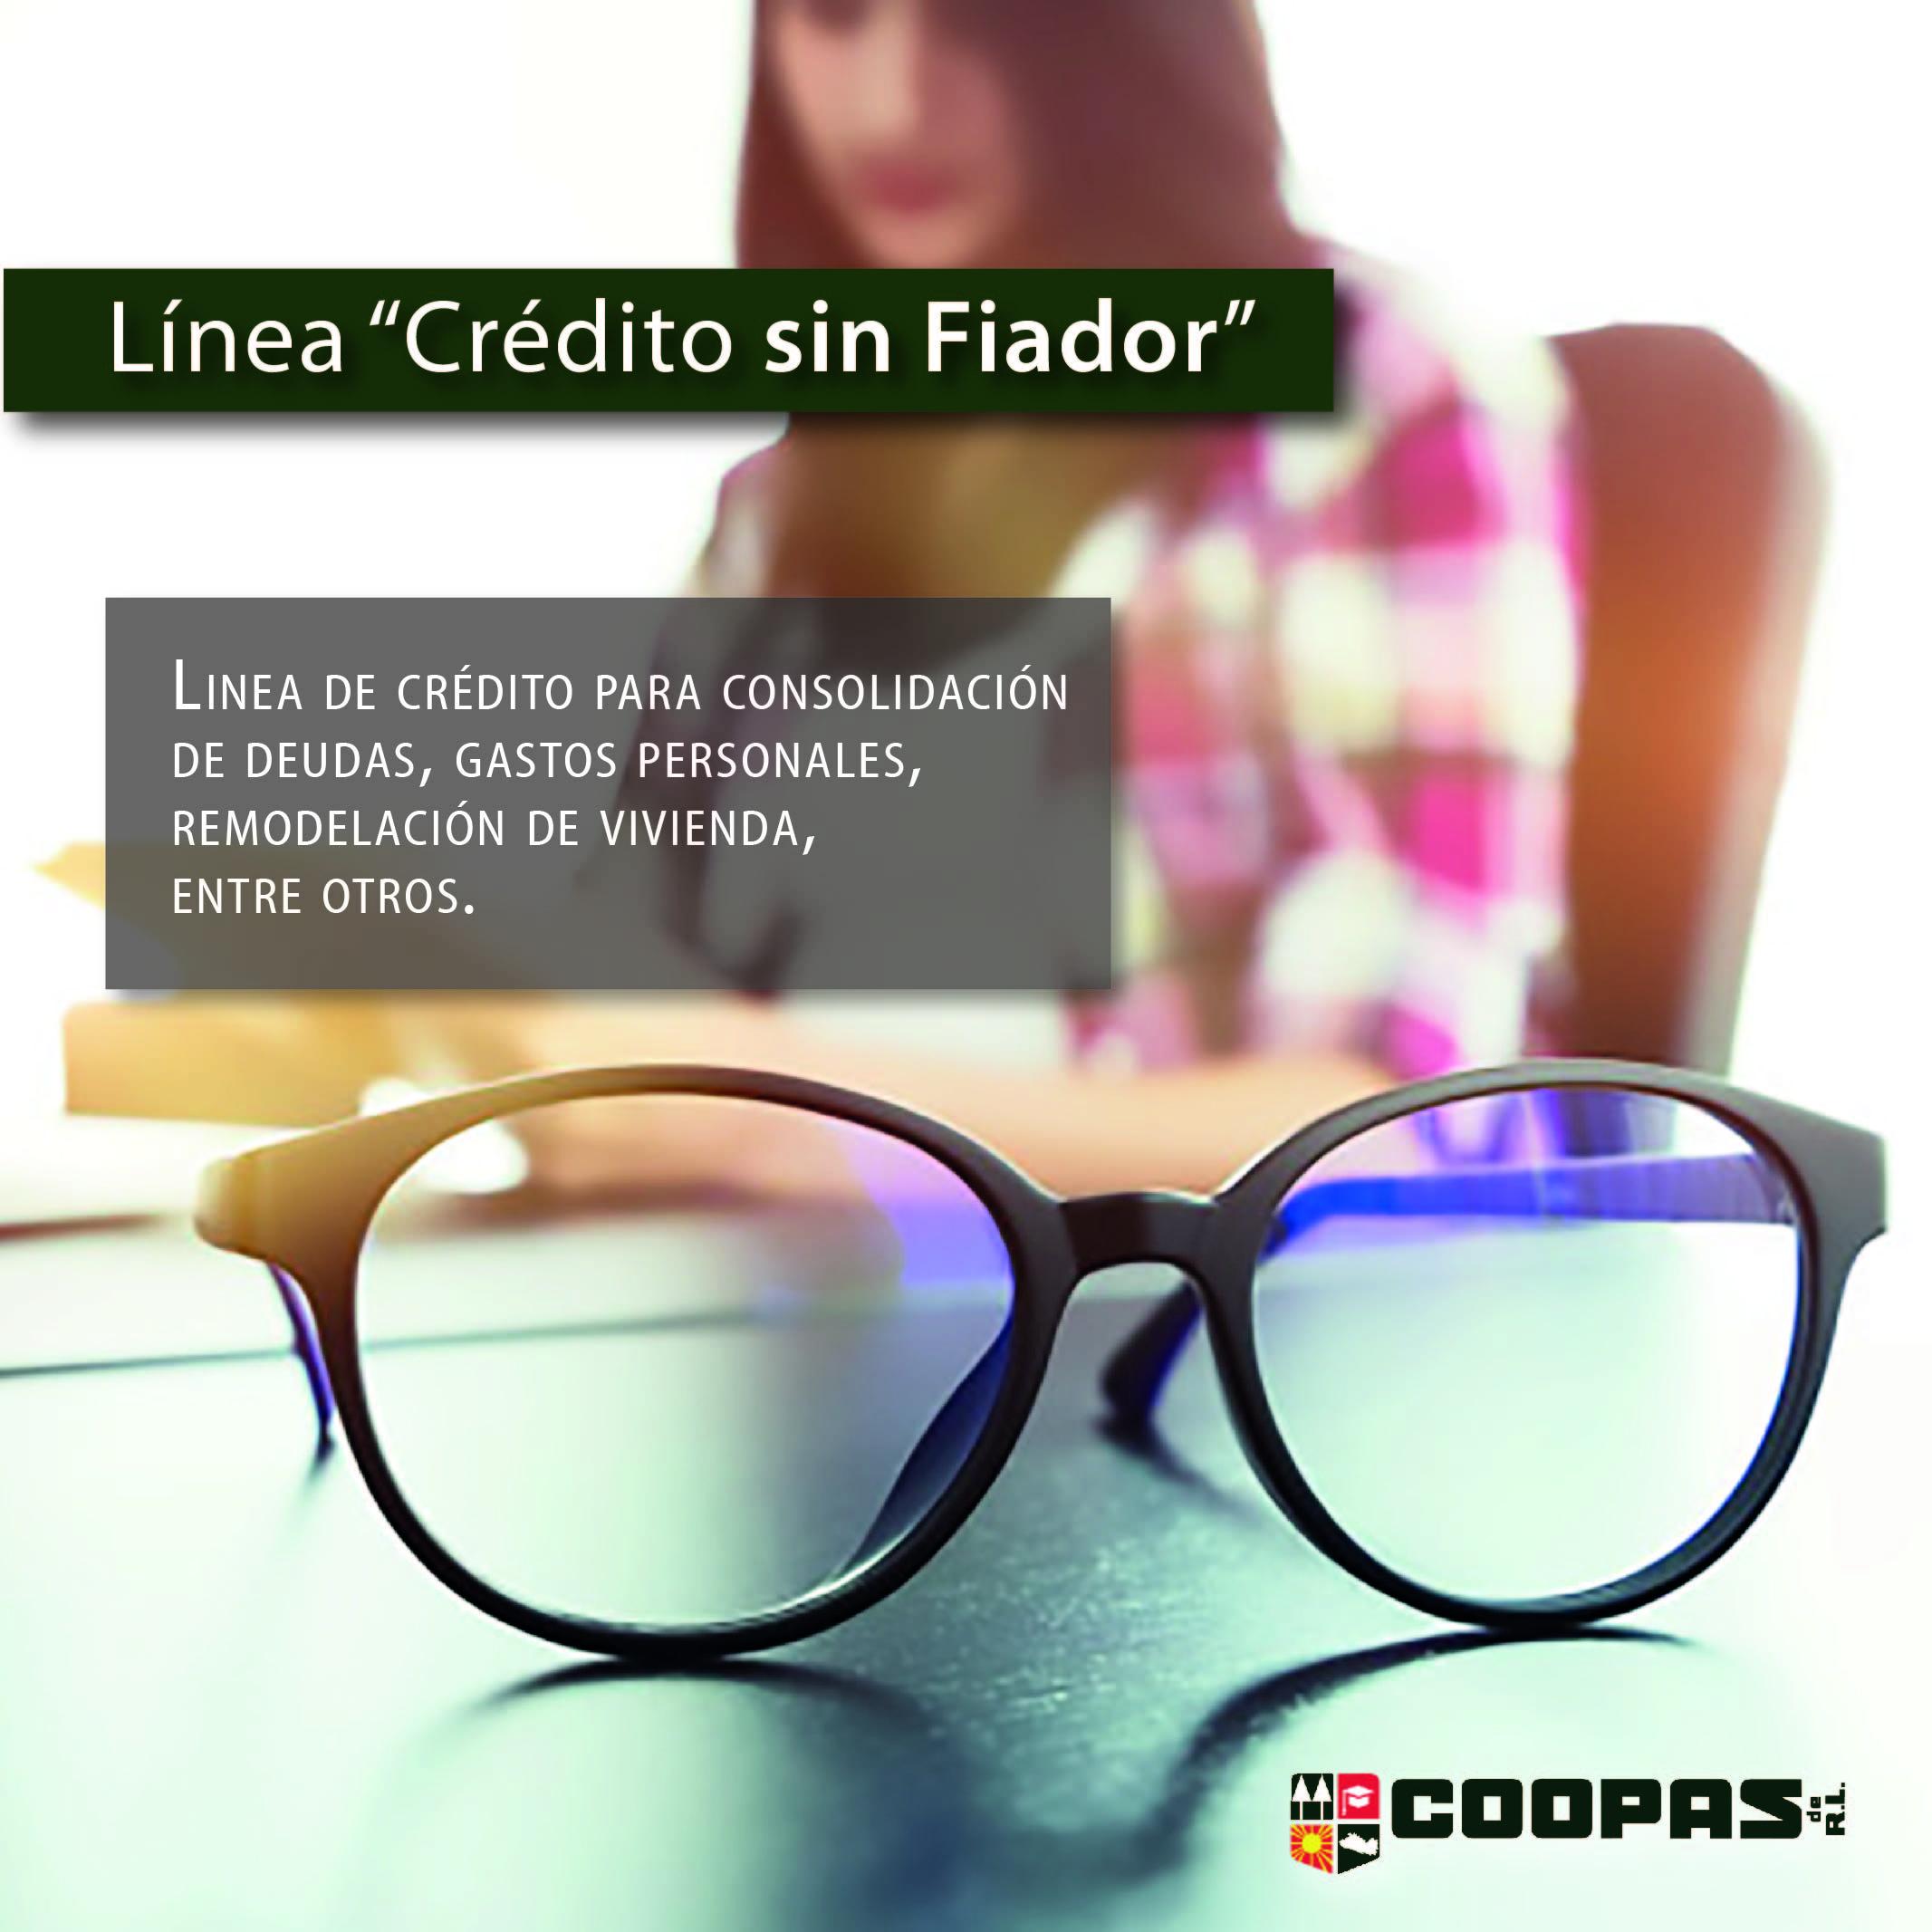 Línea Credito sin Fiador